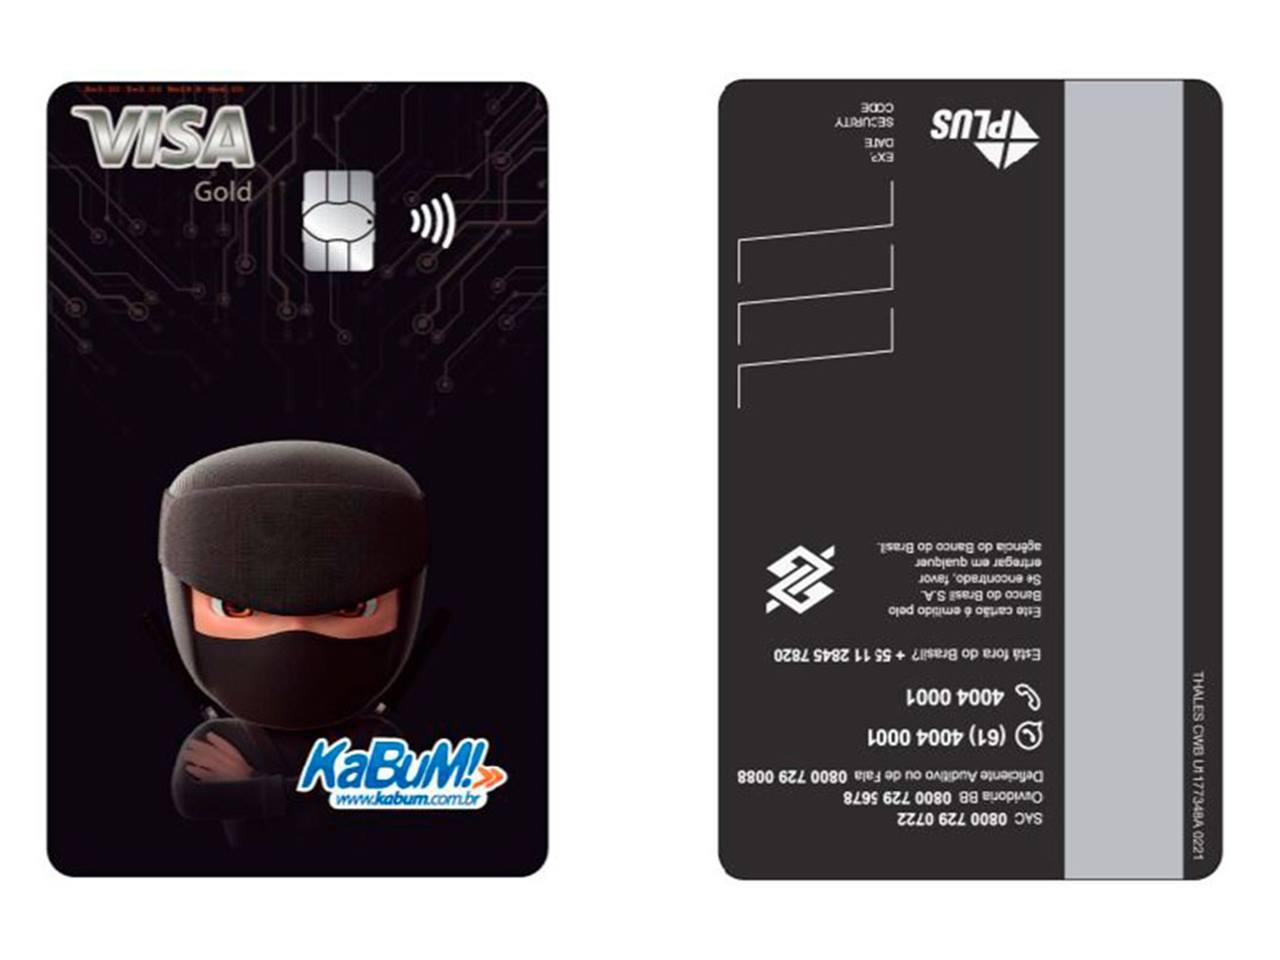 Cartão de crédito KaBuM! anuidade ZERO: Como solicitar de maneira simples, rápido e totalmente digital